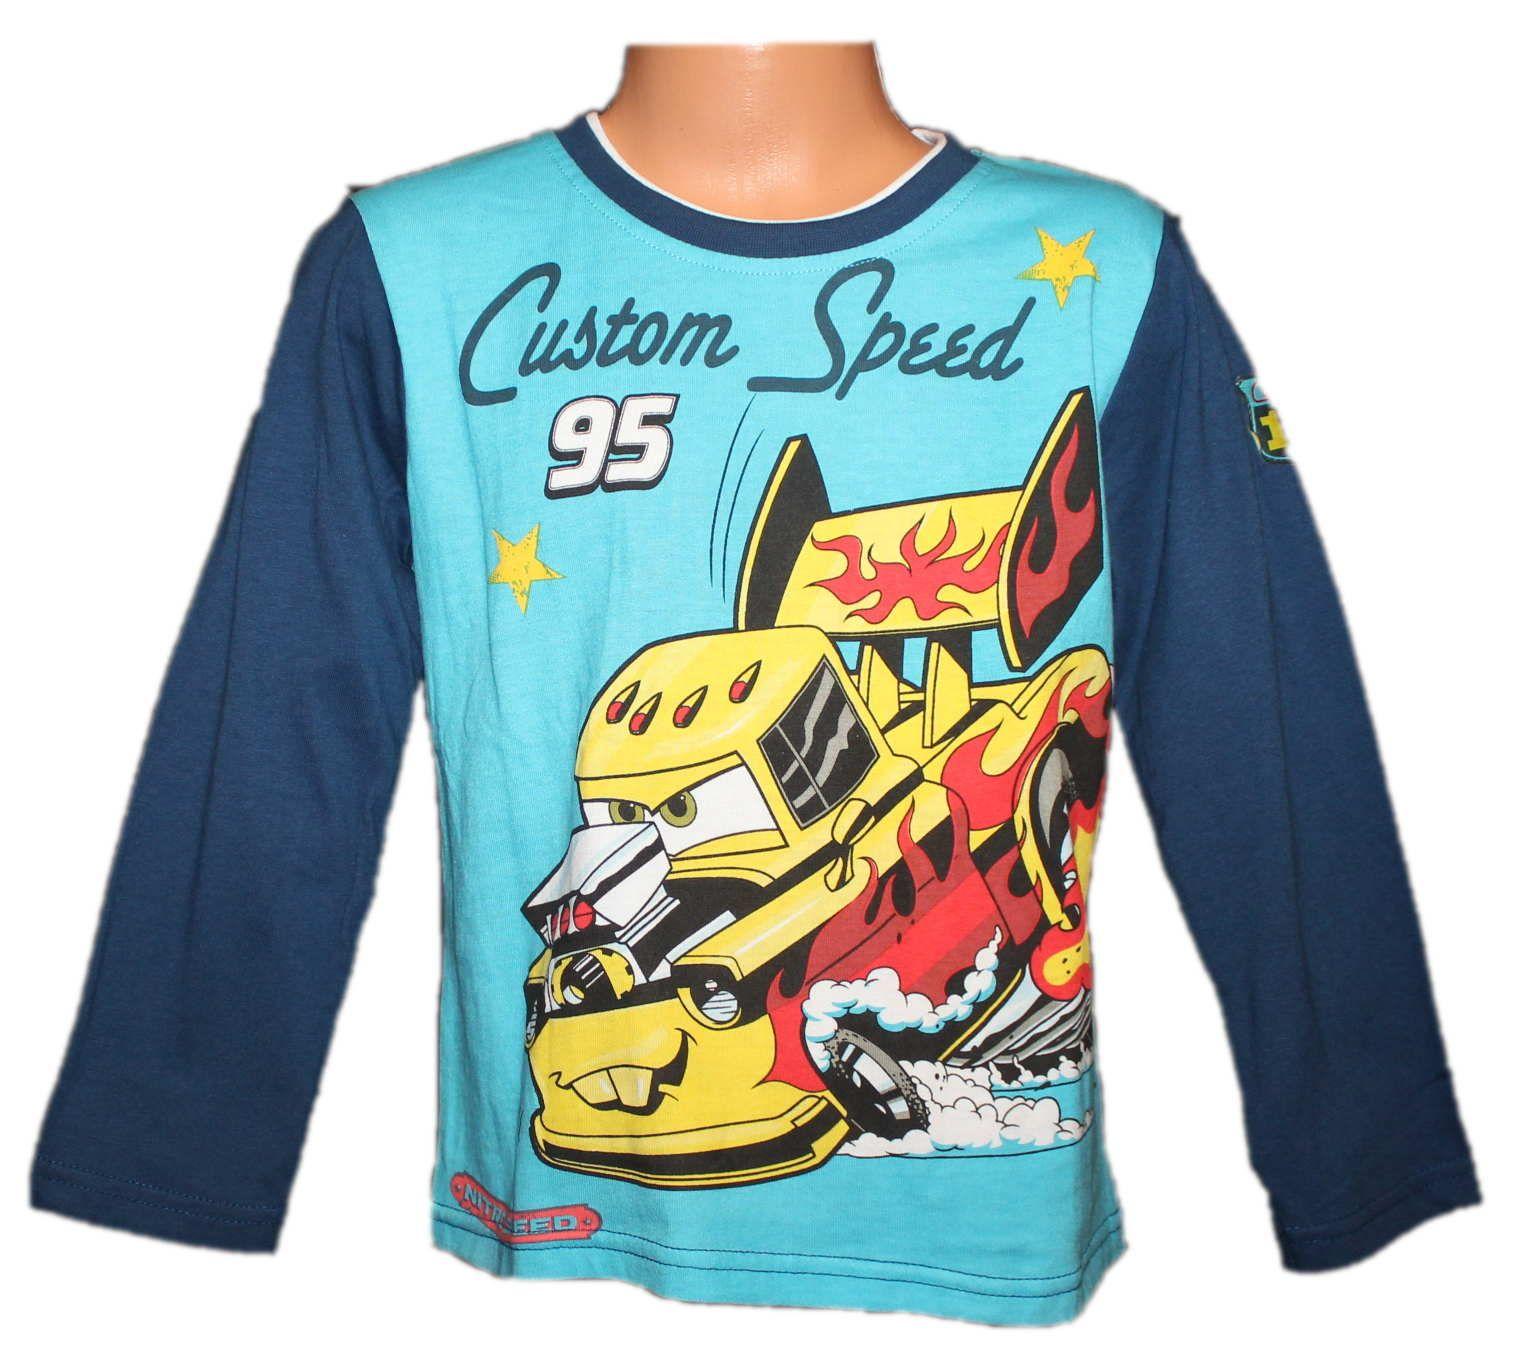 Triko dlouhý rukáv CAR´S, chlapecké tričko, tričko s auty Disney